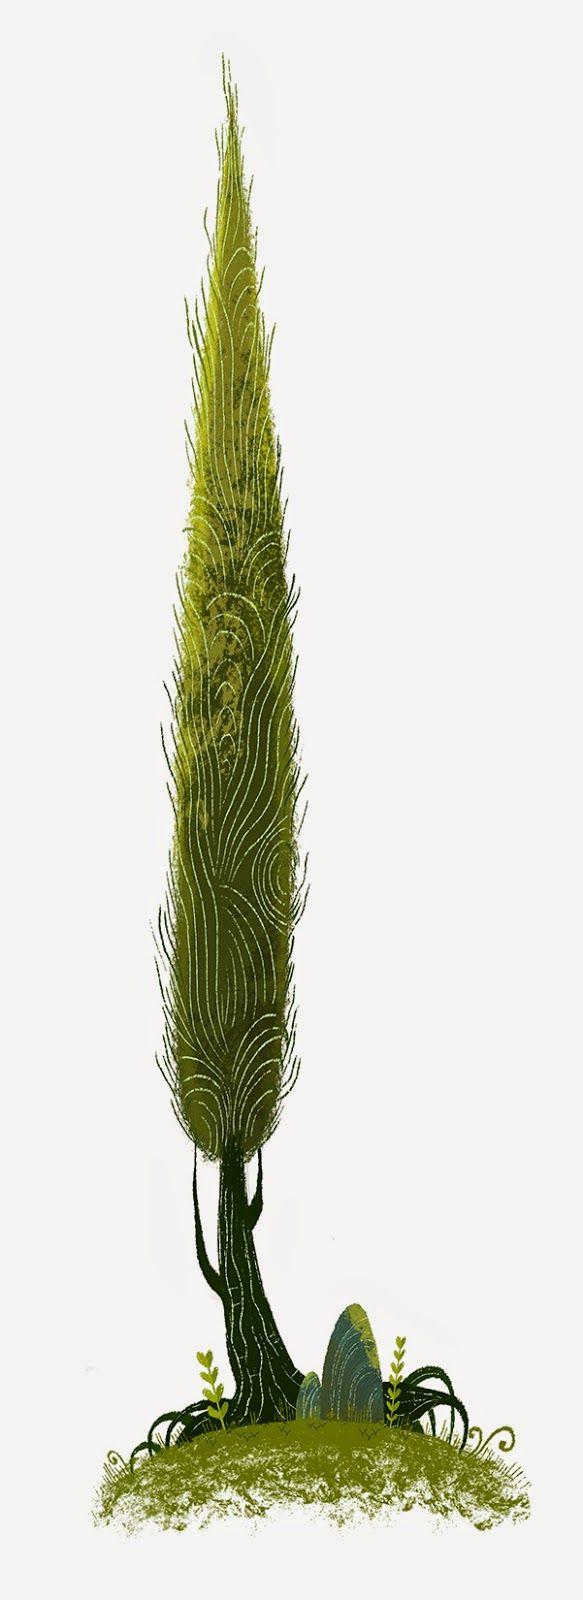 Art of Nikolas Ilic: Tree Designs!